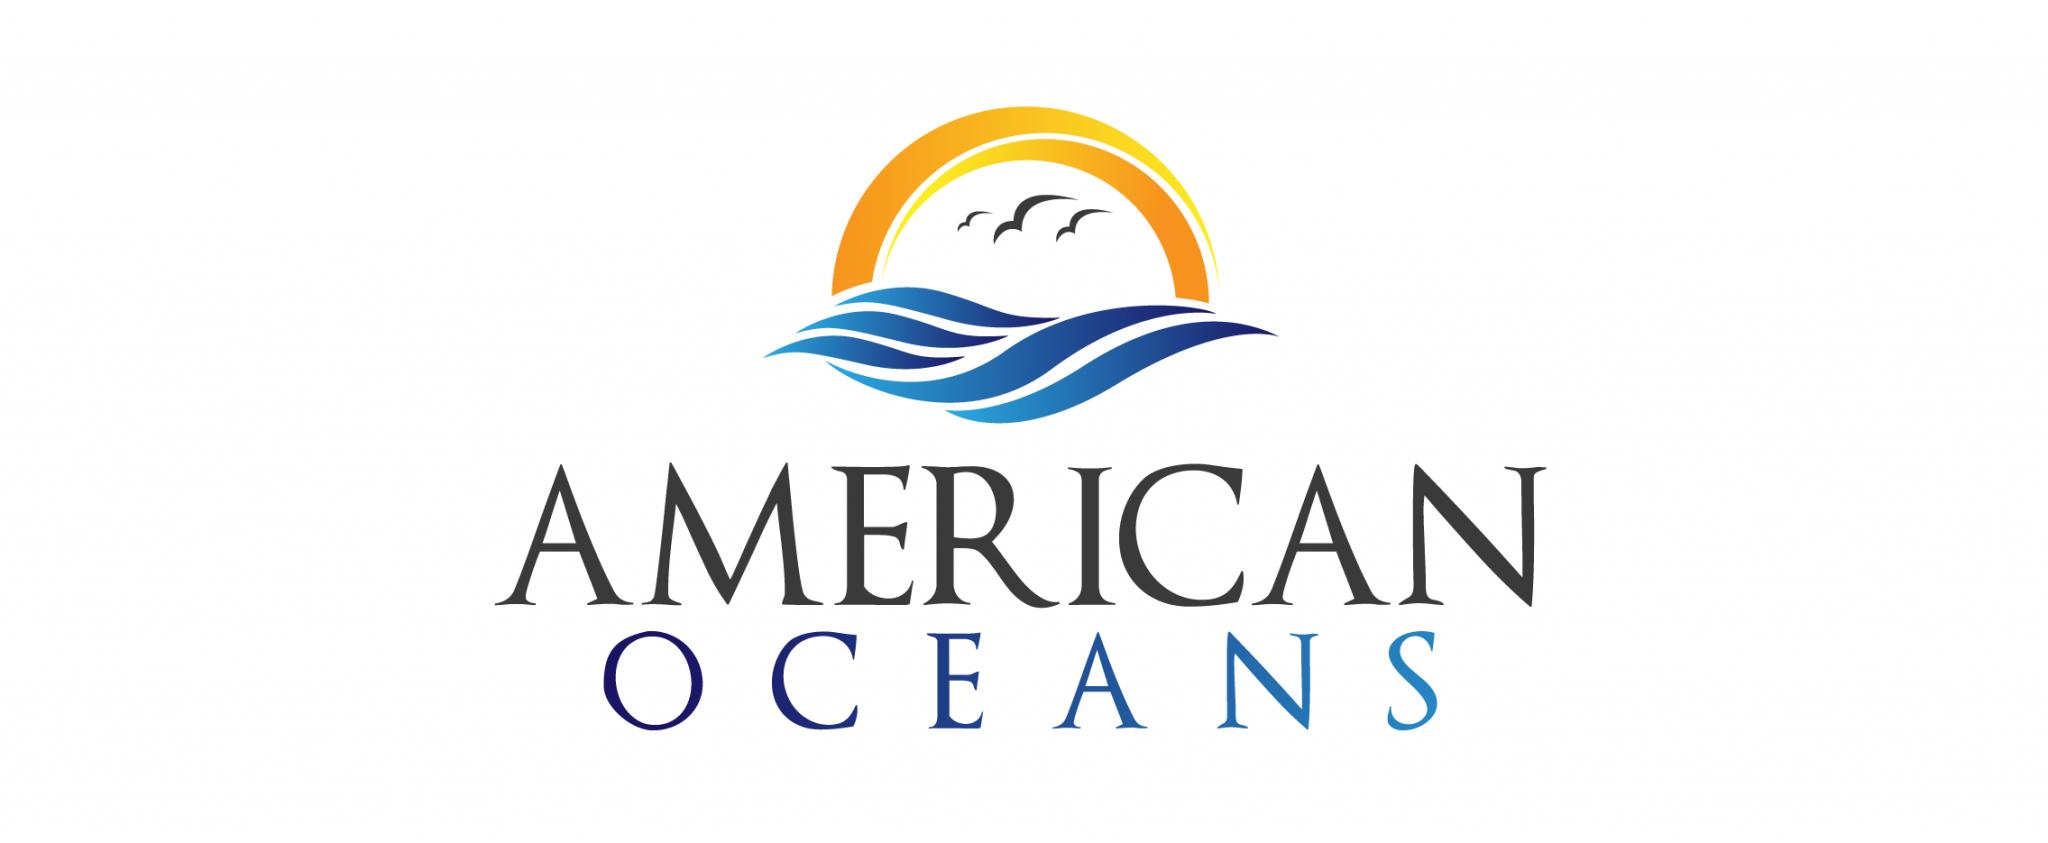 American Oceans